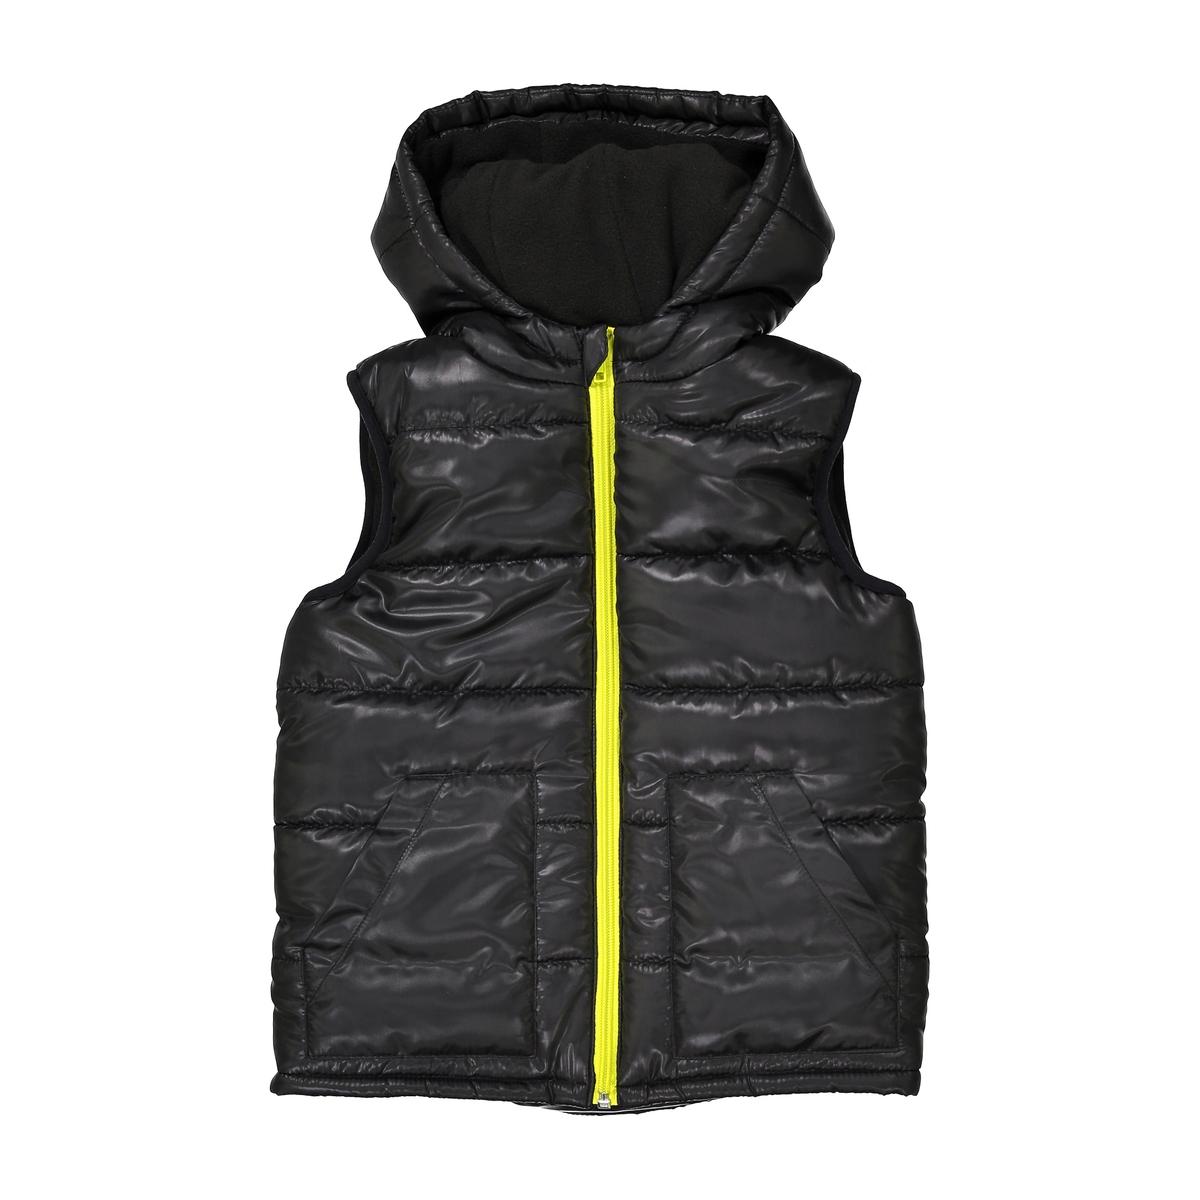 Стеганая куртка без рукавов, 3-12 летОписание:Детали •  Демисезонная модель •  Непромокаемое •  Застежка на молнию •  С капюшоном •  Длина : средняяСостав и уход •  100% полиэстер •  Температура стирки 30° •  Сухая чистка и отбеливание запрещены •  Не использовать барабанную сушку •  Не гладить<br><br>Цвет: синий морской,темно-зеленый<br>Размер: 12 лет -150 см.5 лет - 108 см.6 лет - 114 см.10 лет - 138 см.8 лет - 126 см.3 года - 94 см.4 года - 102 см